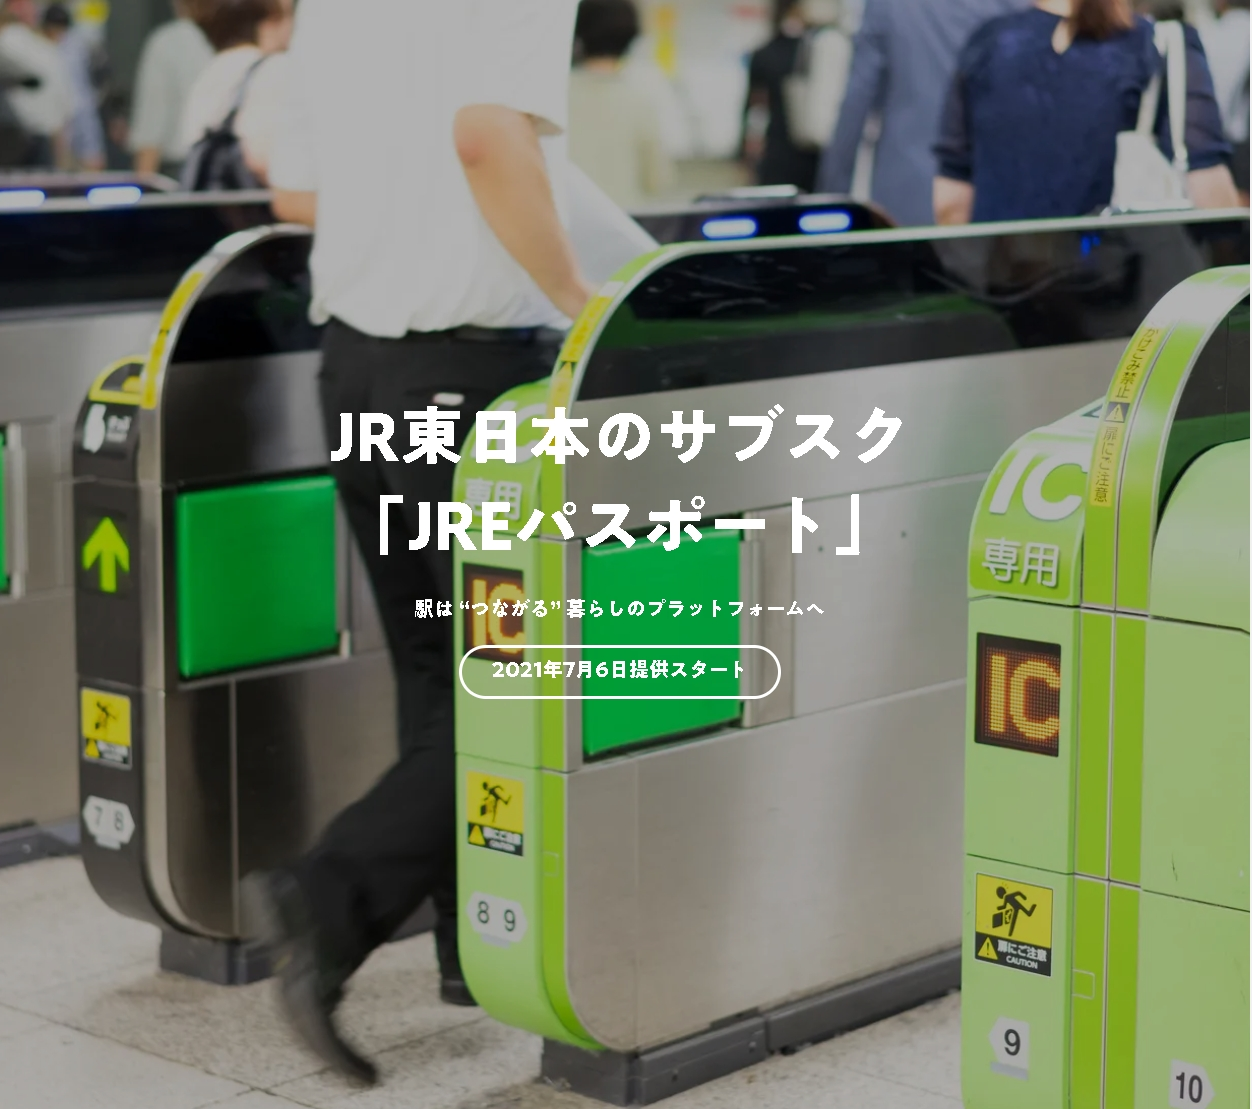 JR東日本が定期保持者にベックスコーヒー、そばのきらくのトッピング、ステーションブースのサブスクを仮提供開始。ベックスは対象店舗がわずか3店舗で震える。~8/31。